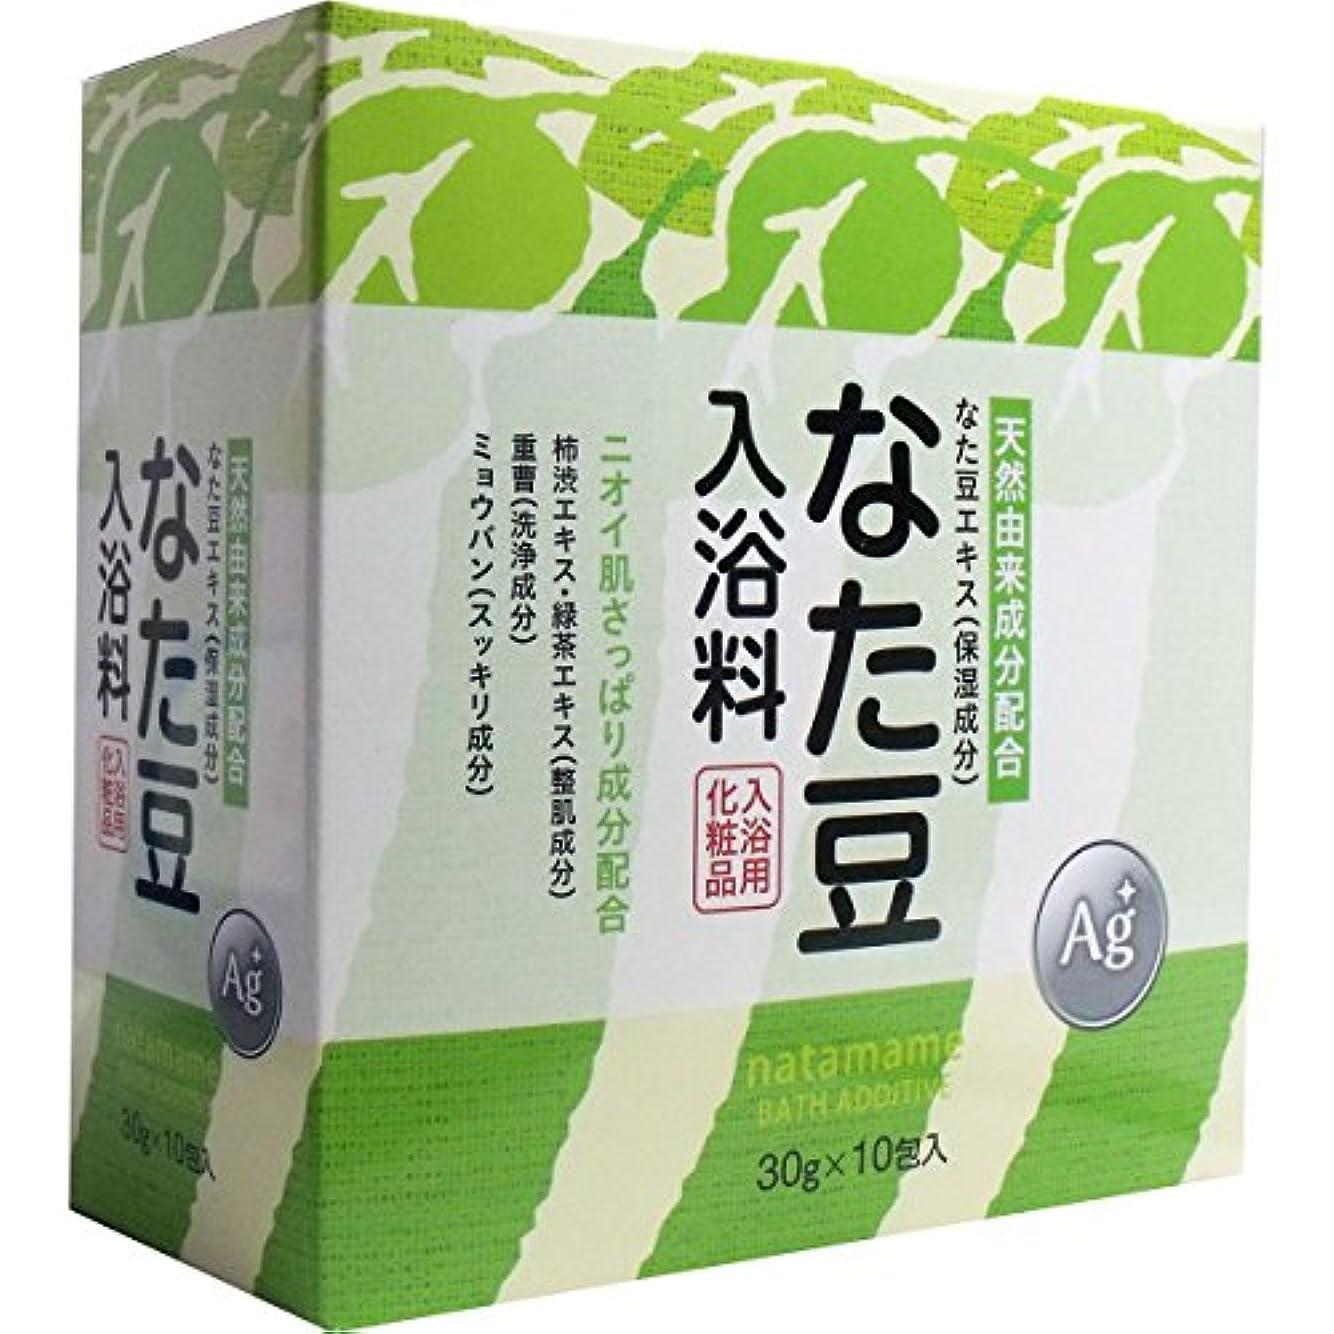 ぜいたく好きである気を散らすなた豆入浴料 入浴用化粧品 30g×10包入×3